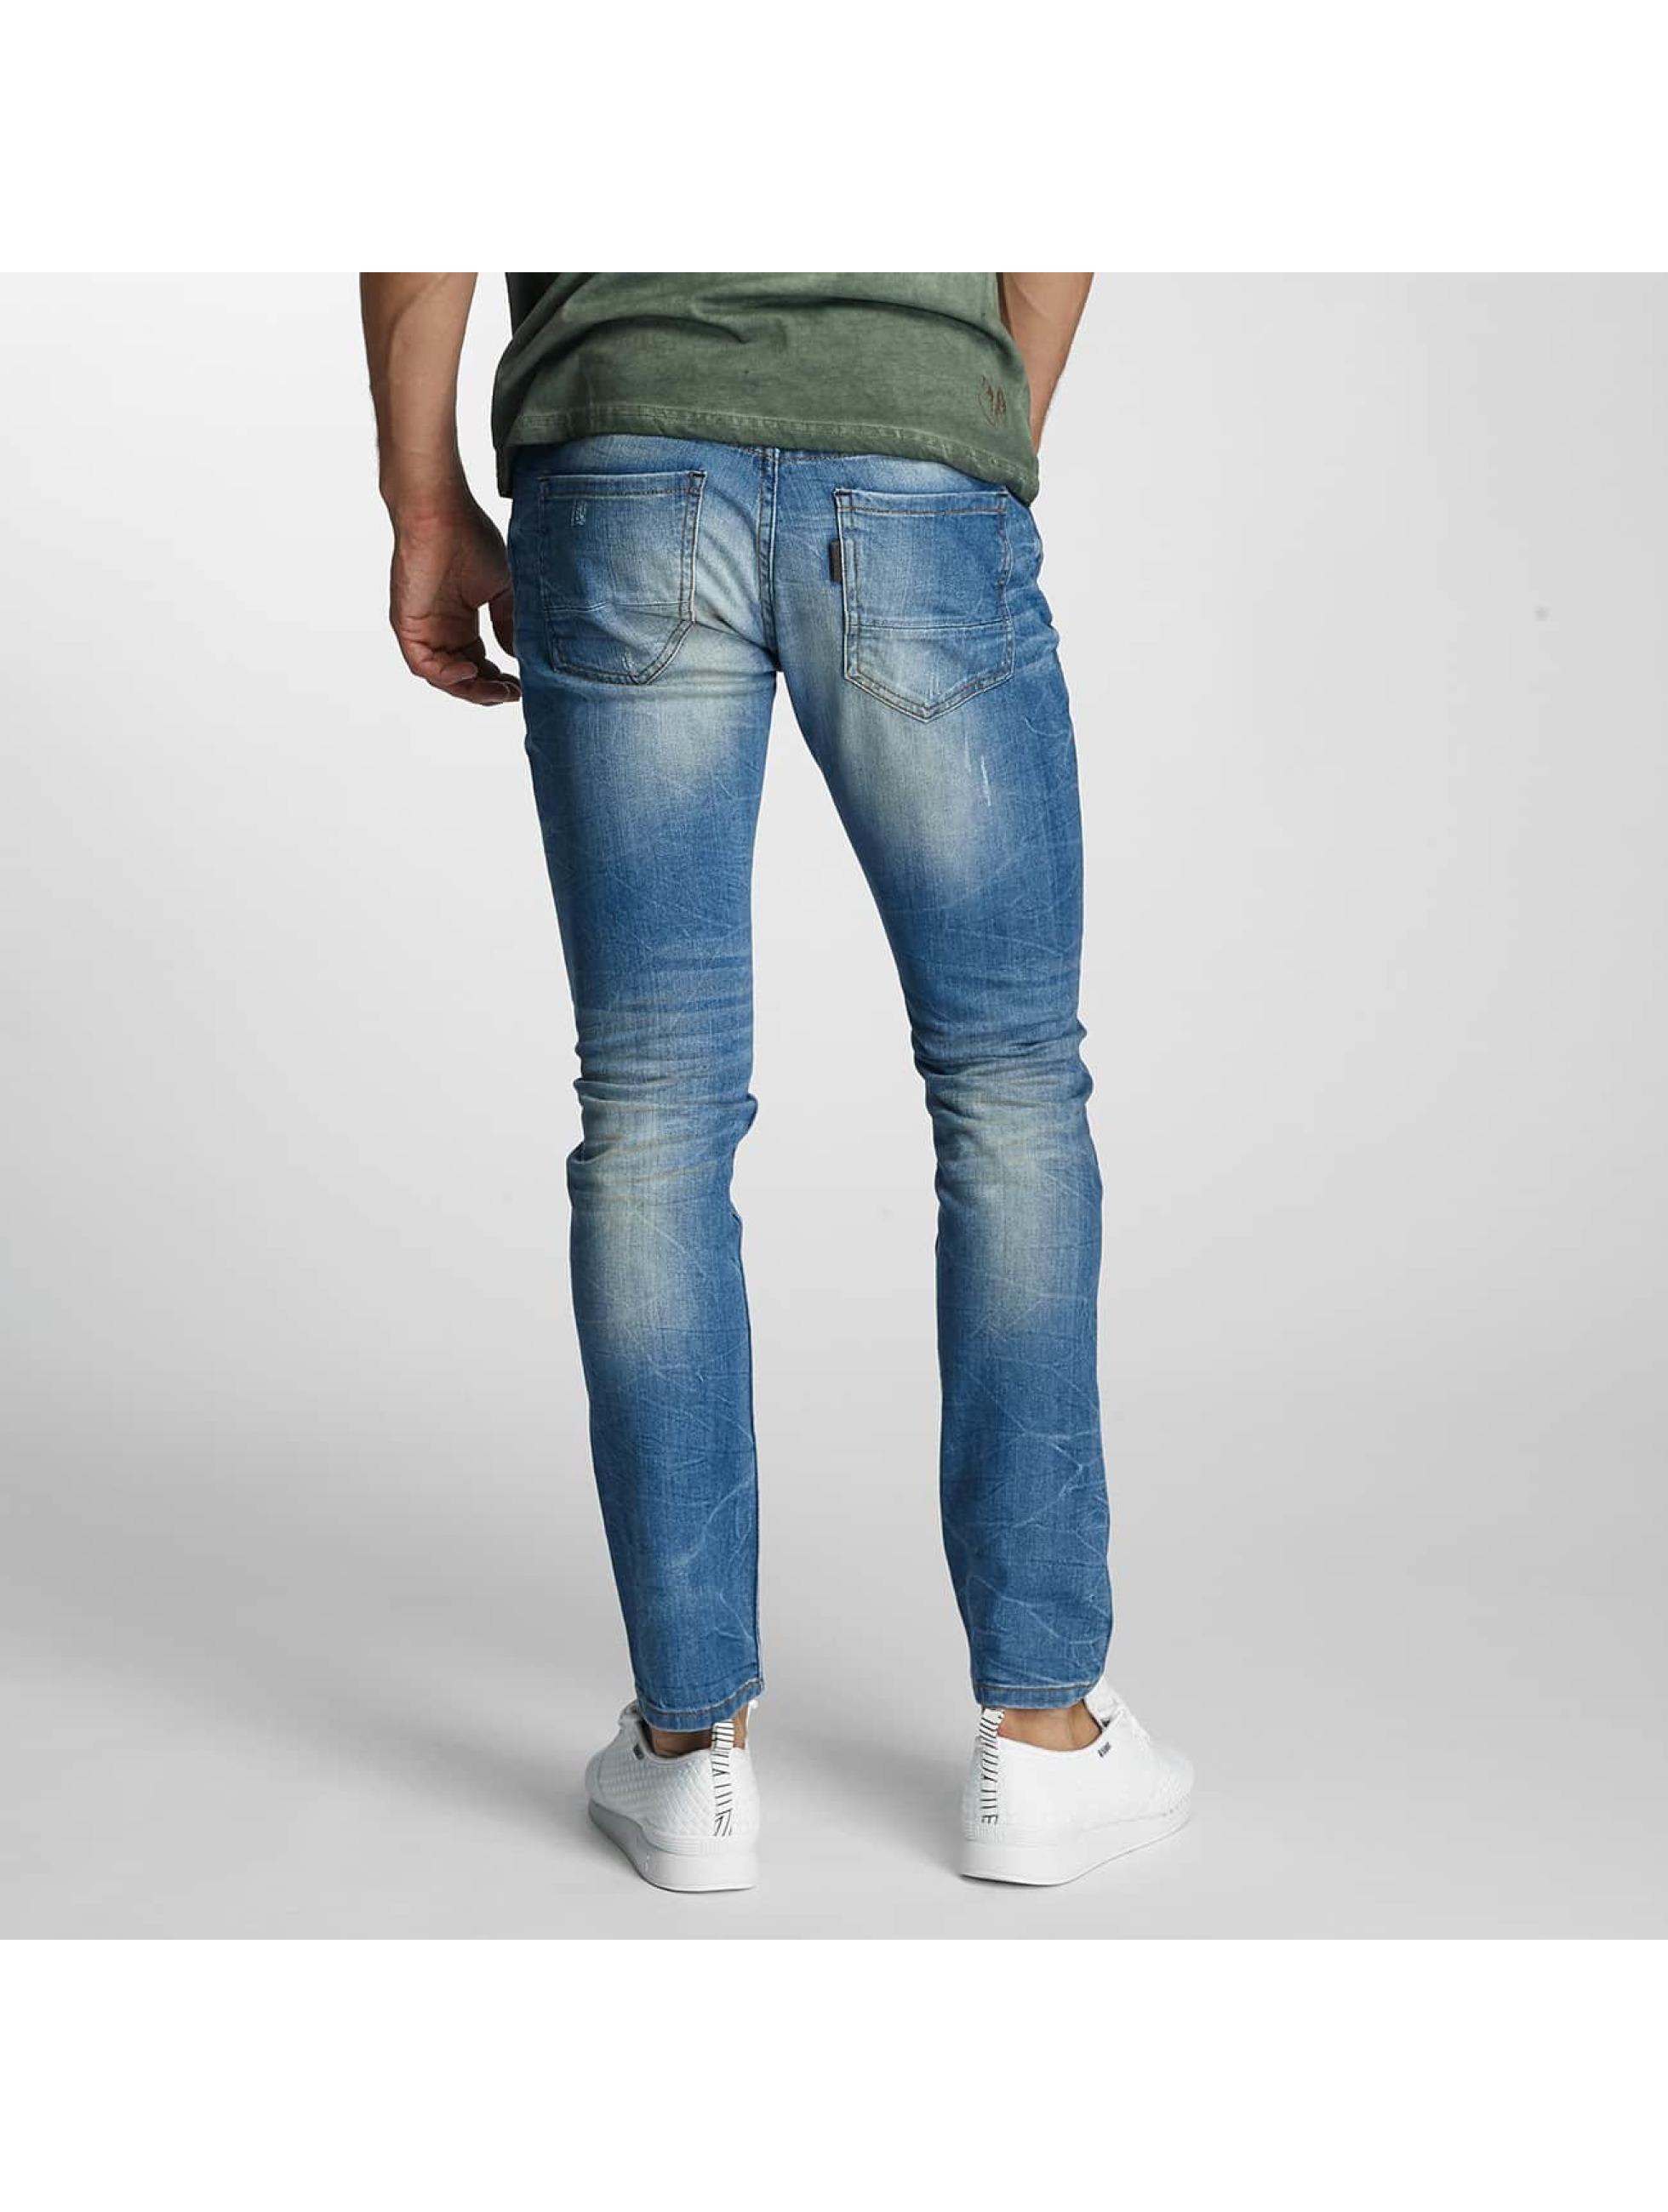 Paris Premium Jean coupe droite Dirt bleu